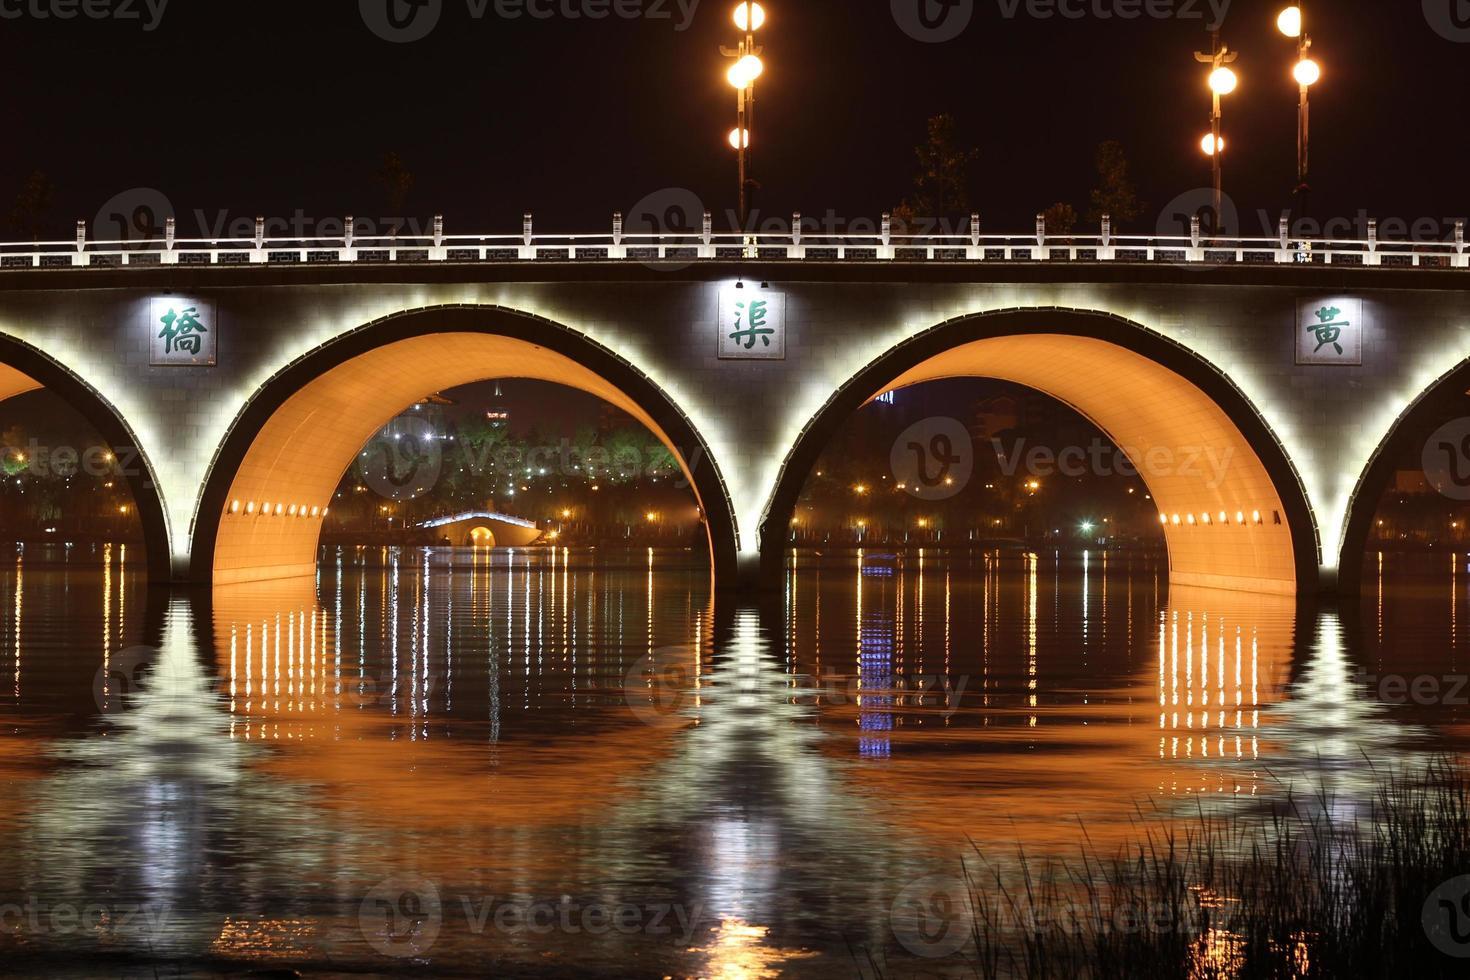 ponte em xian, china foto